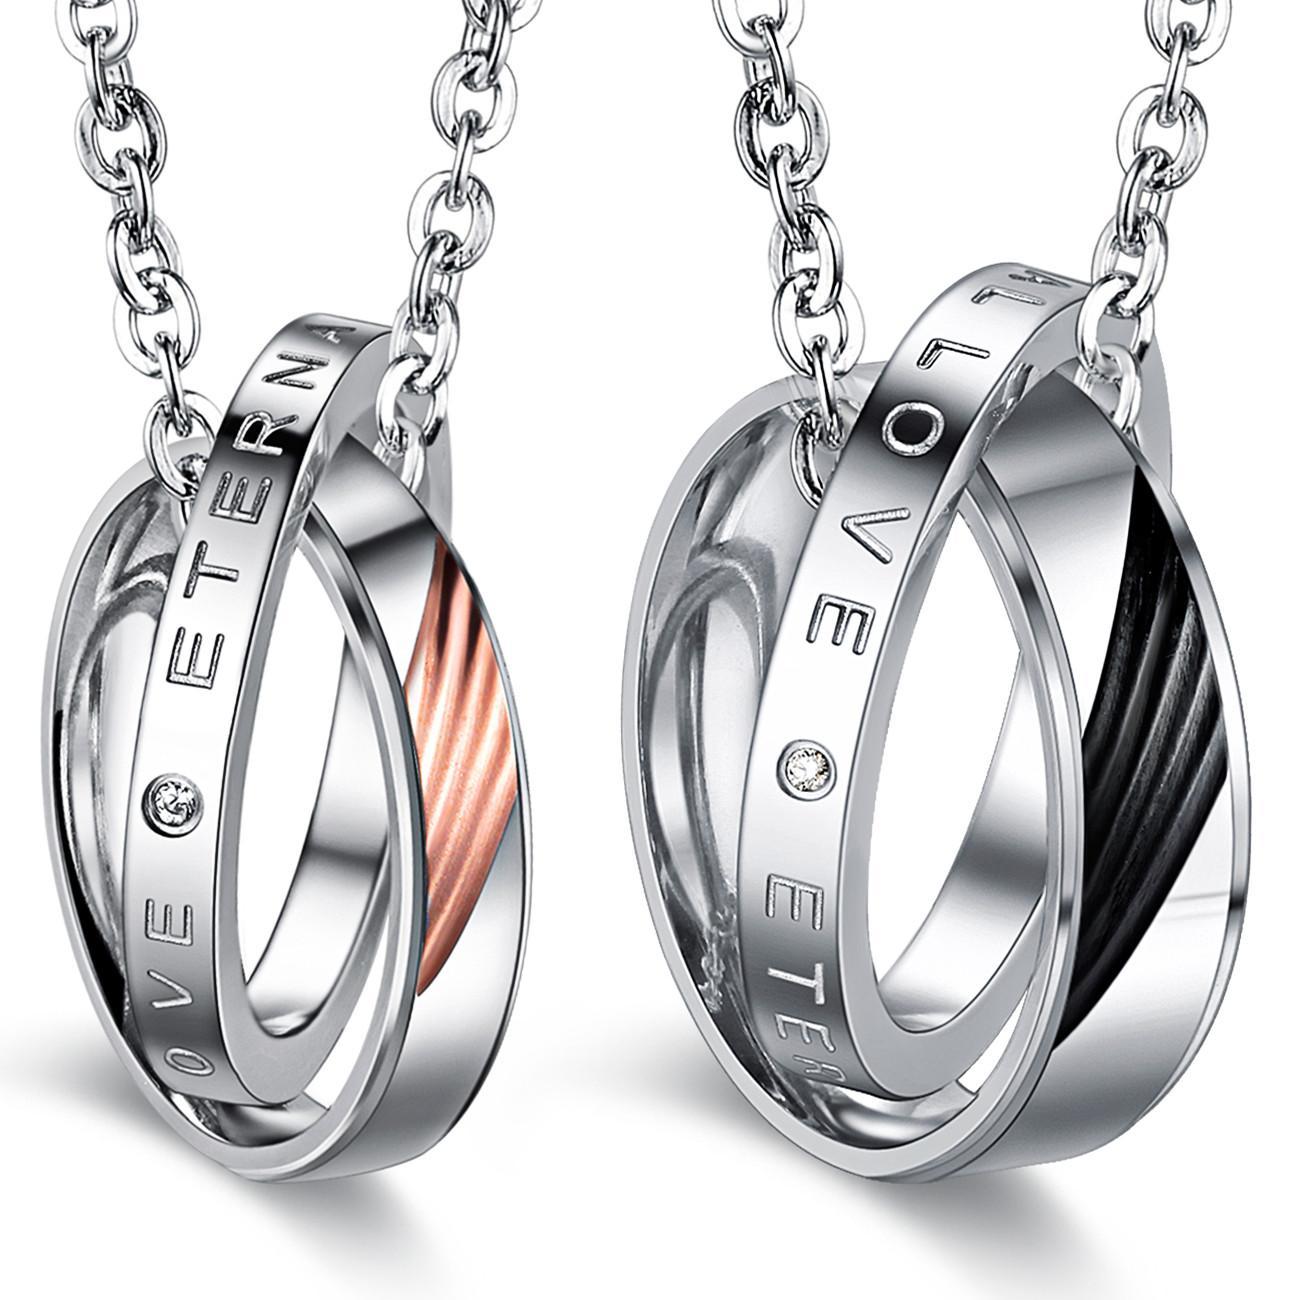 Accessori per gli amanti dei monili di modo Promise Coppia in acciaio 316L in acciaio nero e oro rosa intarsiato cz collane a sospensione diamante ffgx1076